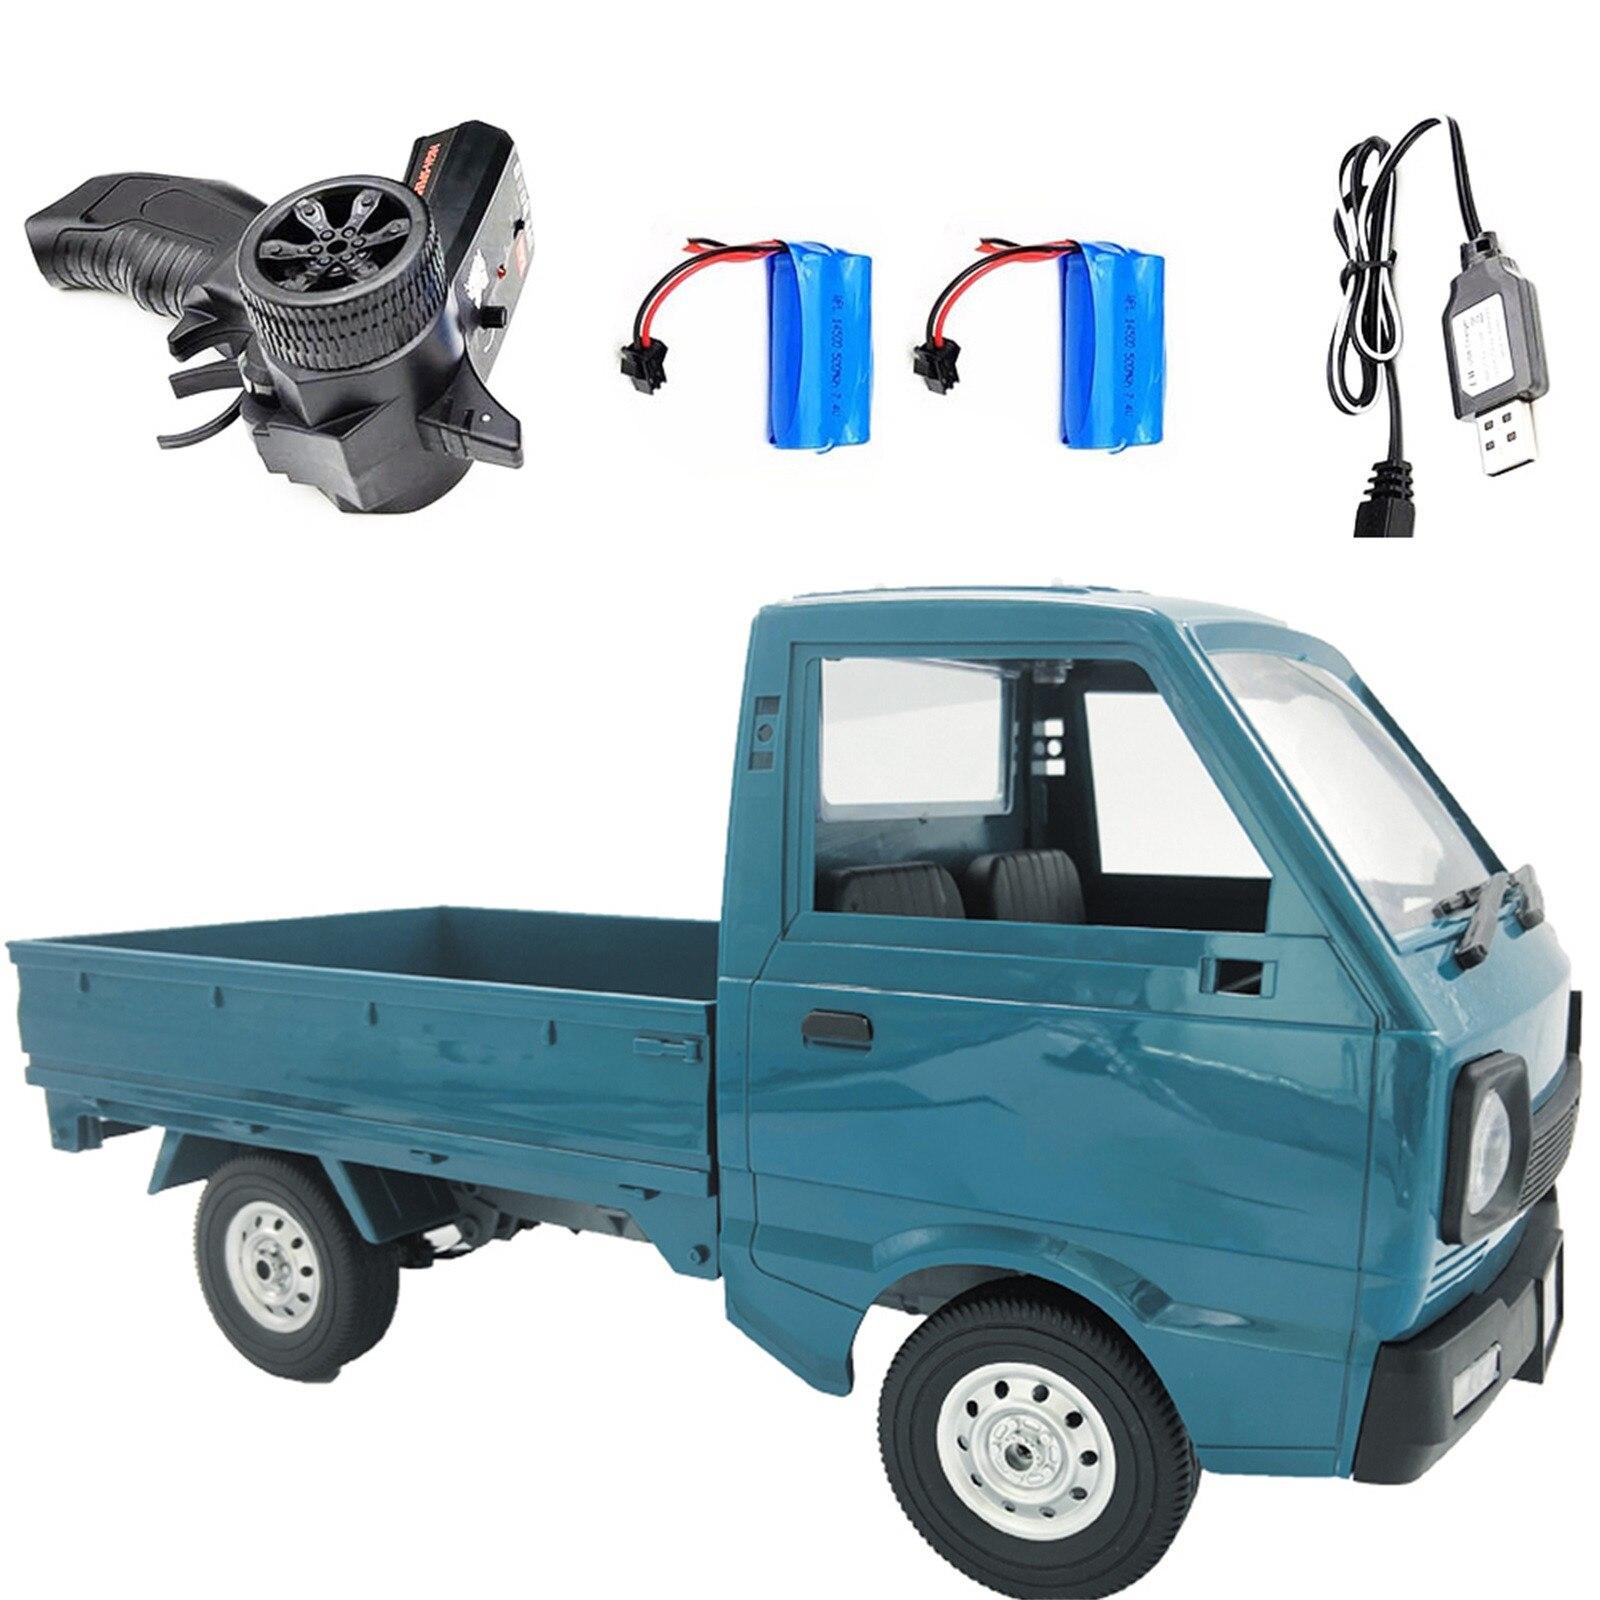 Caminhões de controle remoto comando militar veículo wpl d12 1/10 rc carro simulação deriva caminhão 260 motor rc carro brinquedo para crianças criança